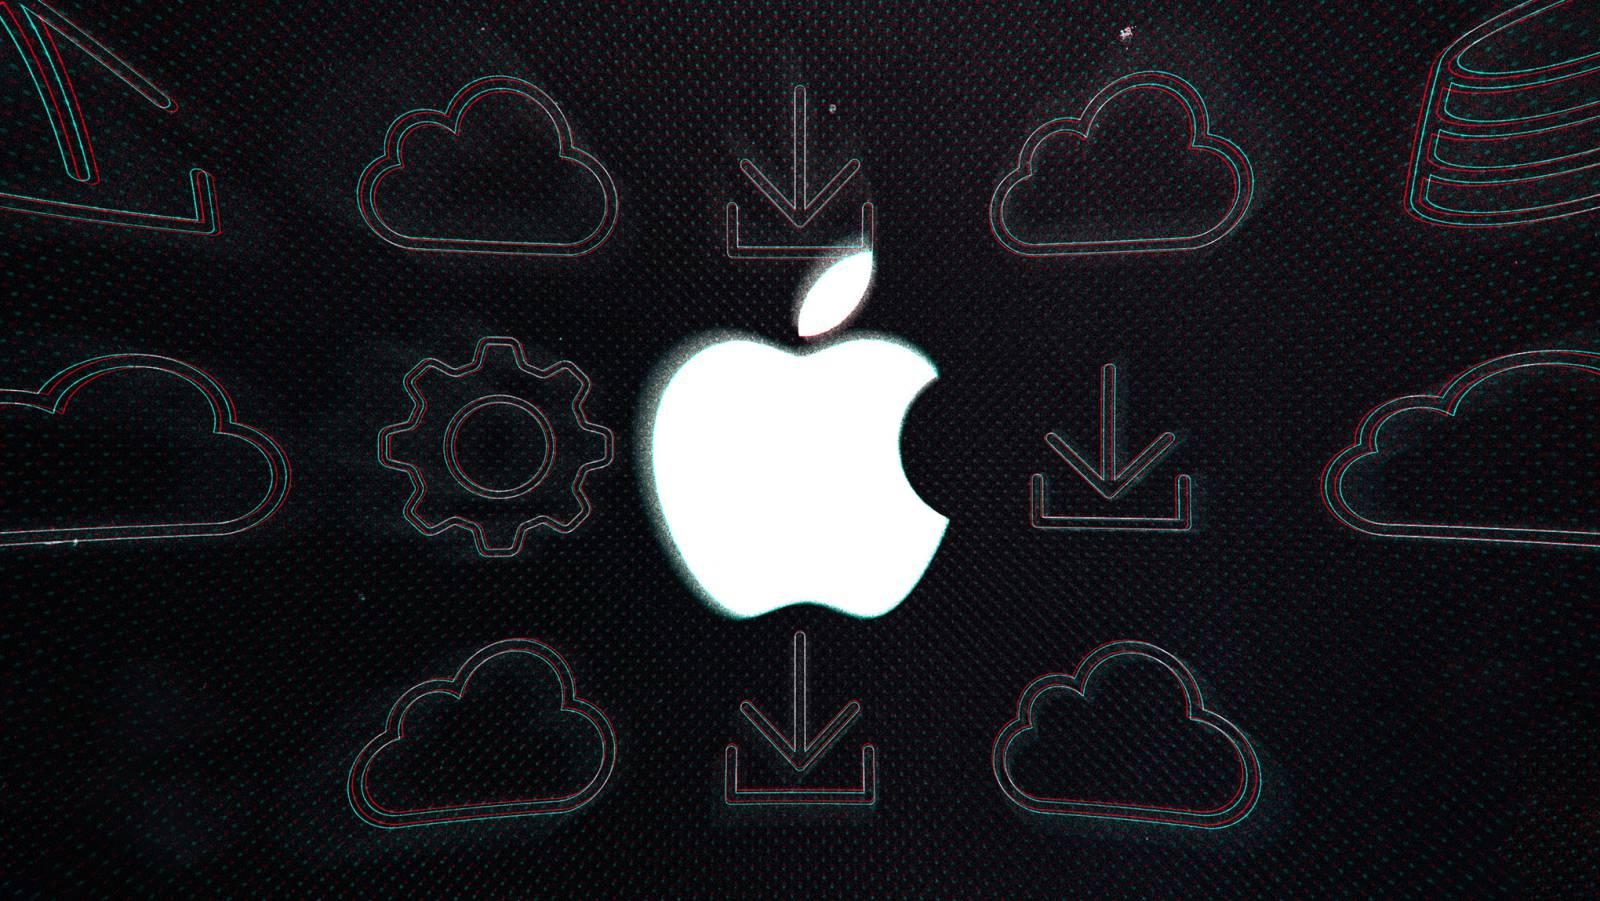 Apple Continua sa CREASCA Echipa ce Dezvolta Masina Autonoma